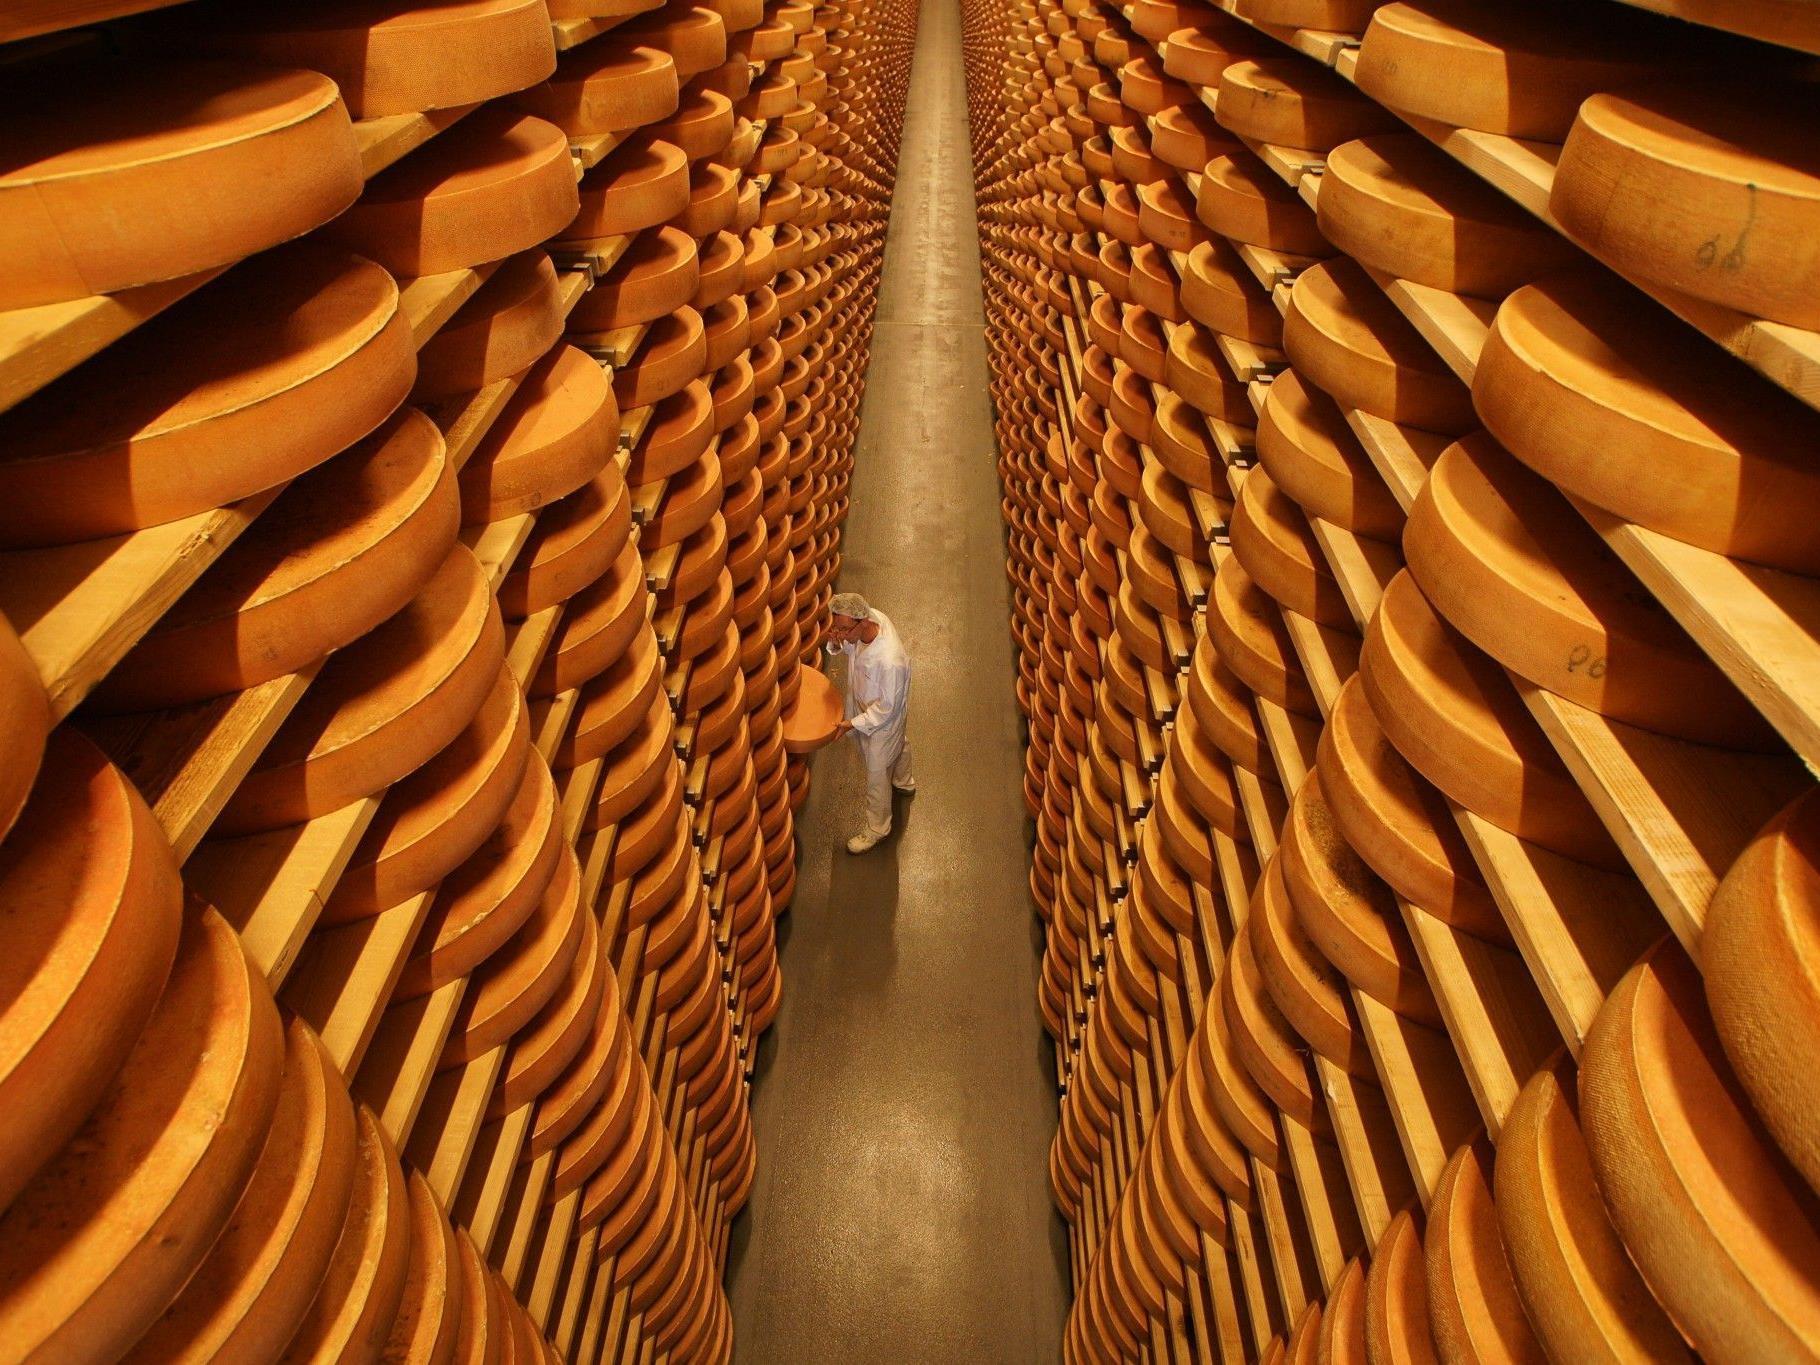 Ist Überdüngung schuld an den Qualitätsproblemen des Bregenzerwälder Käse?